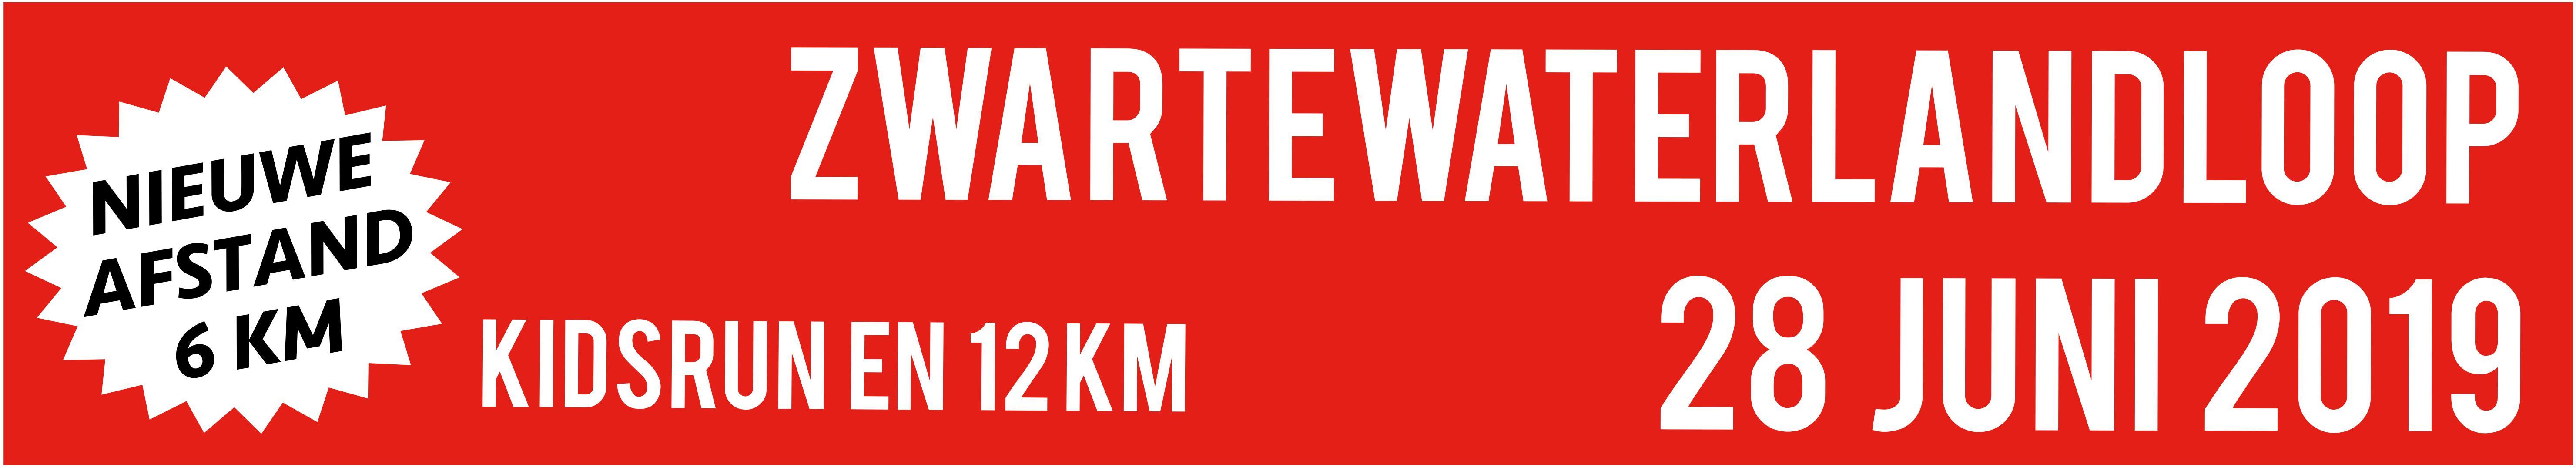 Zwartewaterland Loop